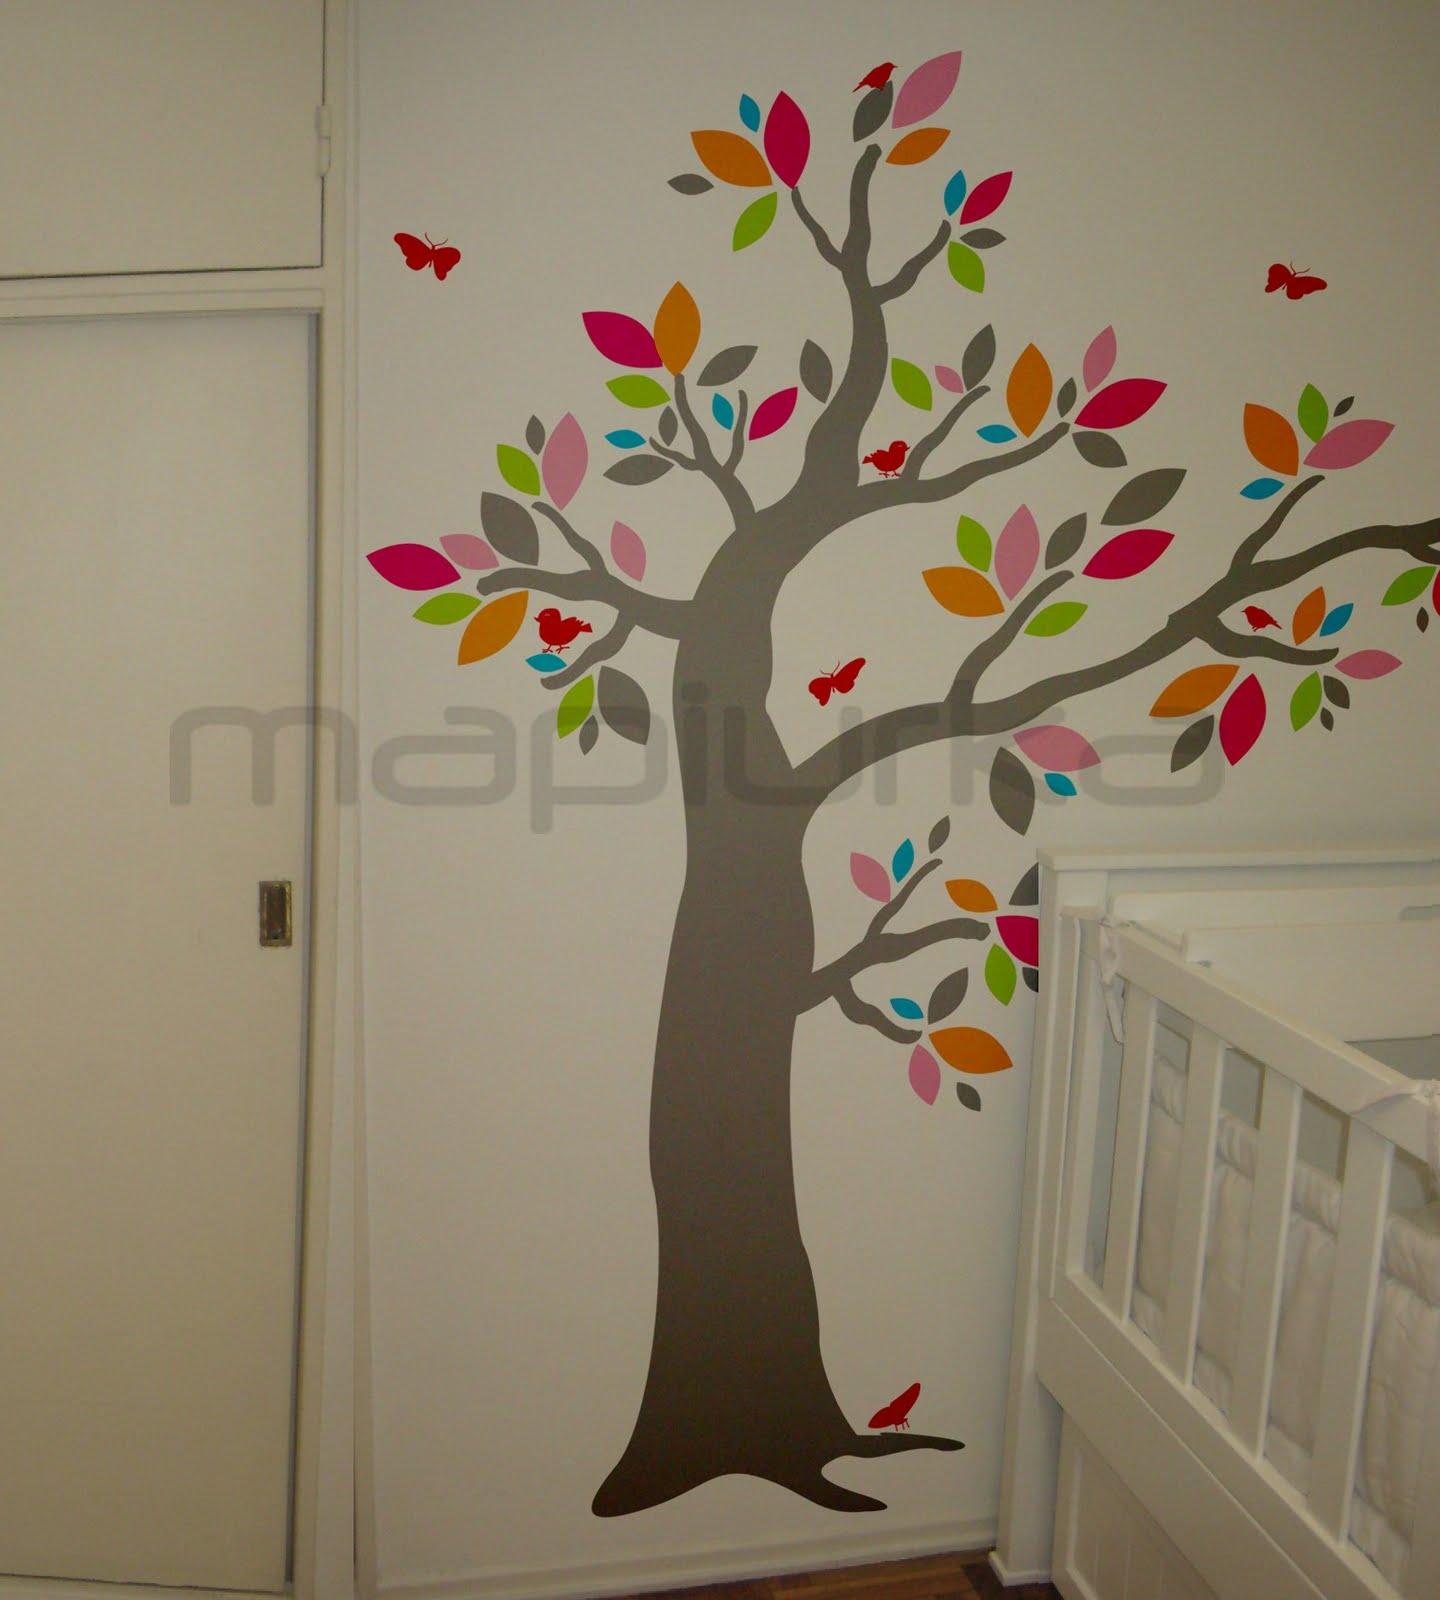 http://3.bp.blogspot.com/--T0bBLEZbZ4/TdPerkIbeeI/AAAAAAAAC8U/hUuXMU0Vy-8/s1600/dormi+cuna+blanco+-arbol+bosque+multicolor2+logo.jpg